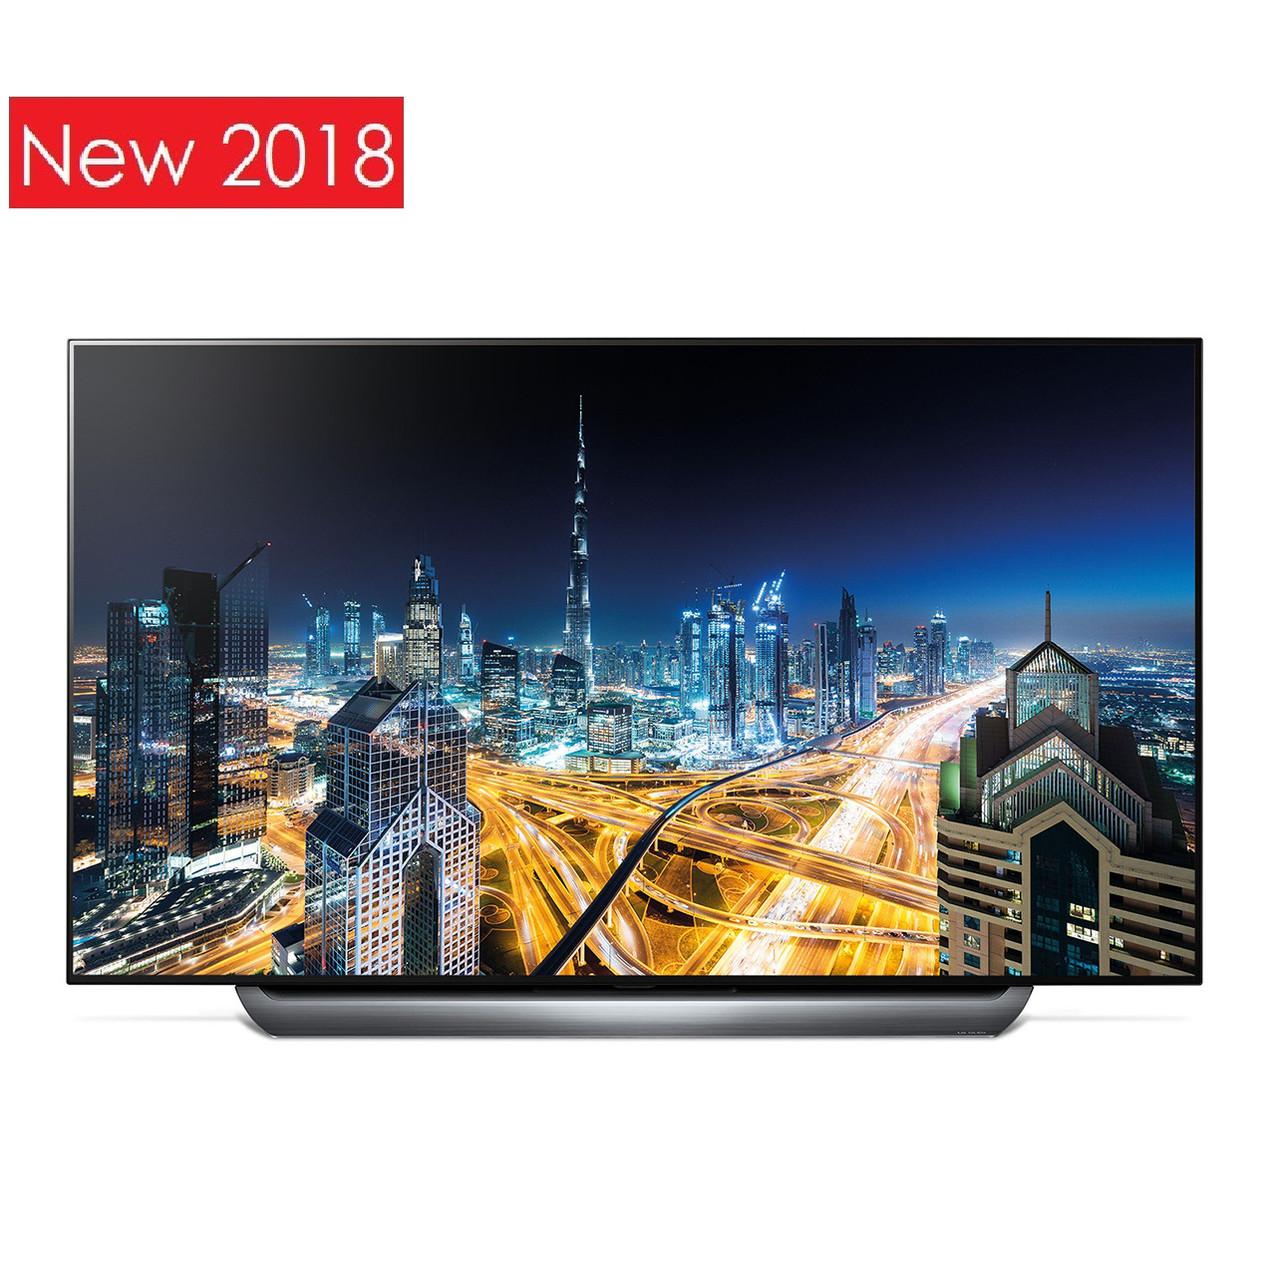 Телевизор LG OLED77С8PLA (120Гц, 4K Cinema HDR,a9 Processor, HDR10 Pro, Dolby Atmos®, 2.2 40Вт)